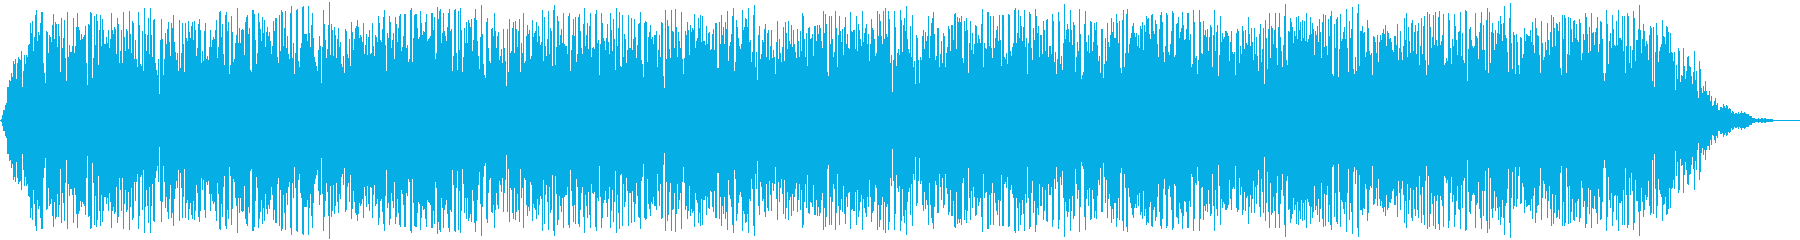 【アンビエント】ドローン_19 実験音の再生済みの波形